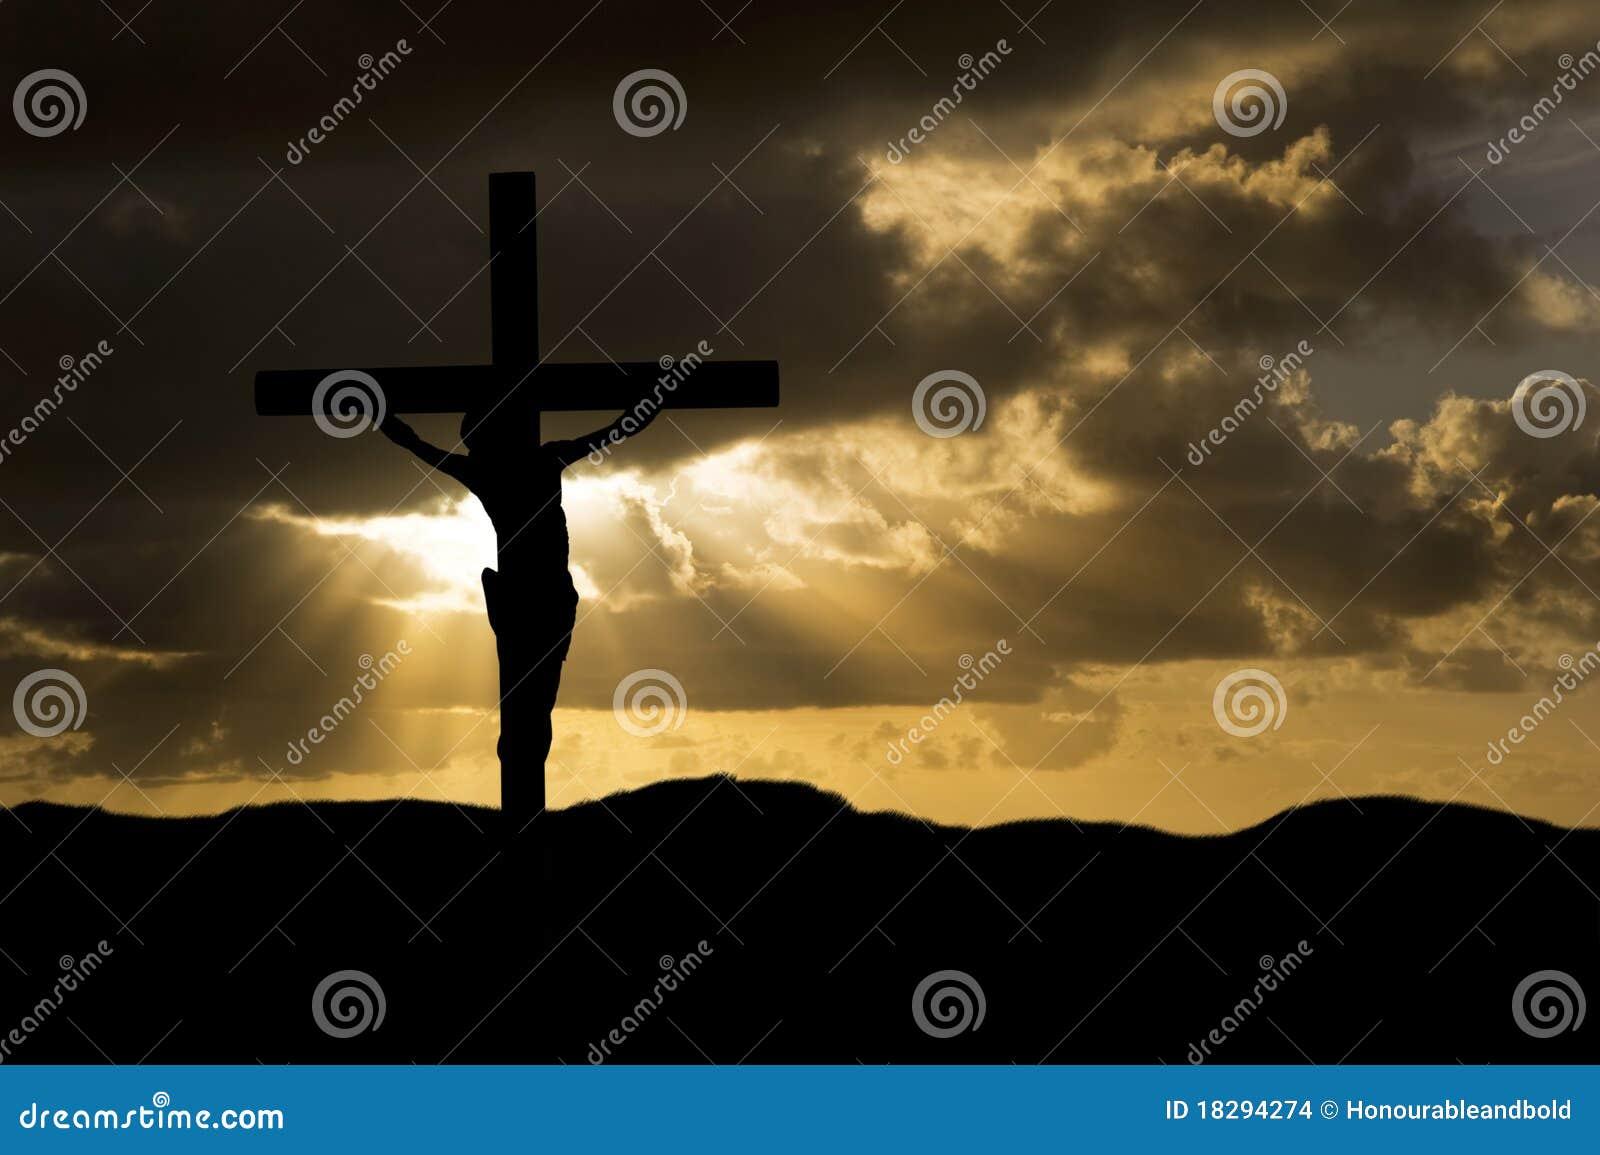 基督在十字架上钉死星期五好耶稣剪 18294274图片